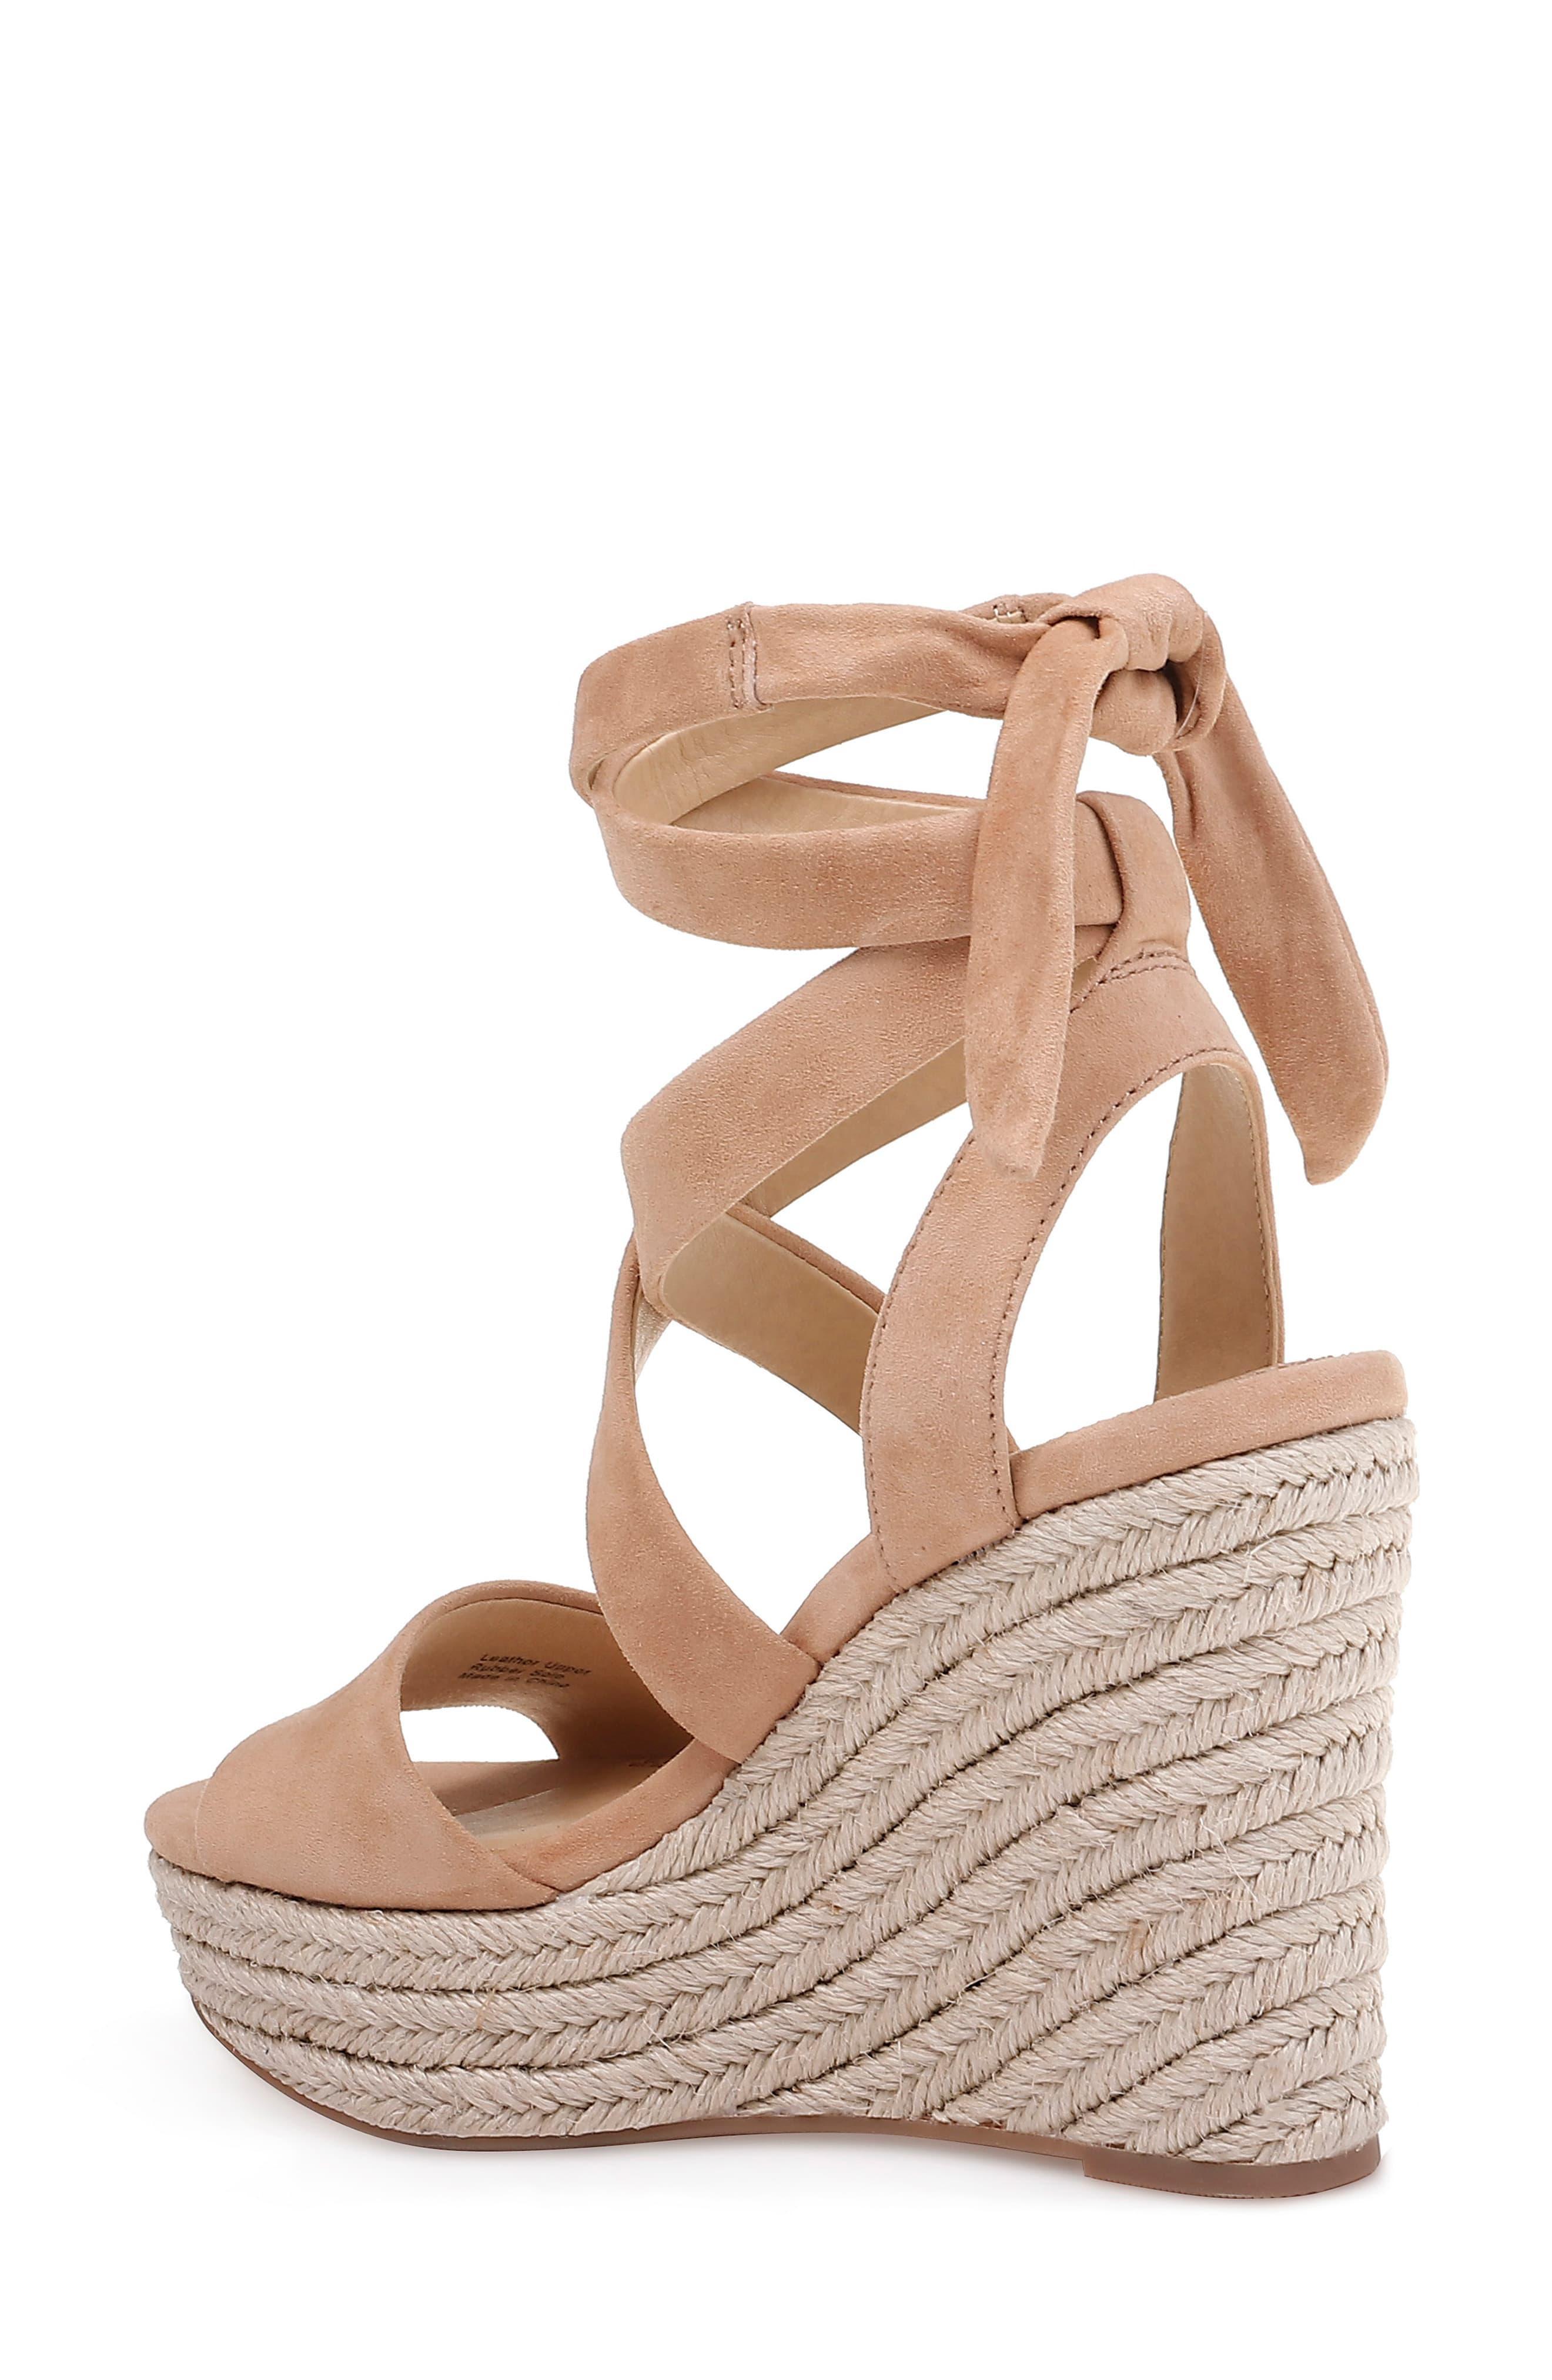 c7dd80ccc0b Brown Women's Tessie Ankle - Tie Wedge Sandals